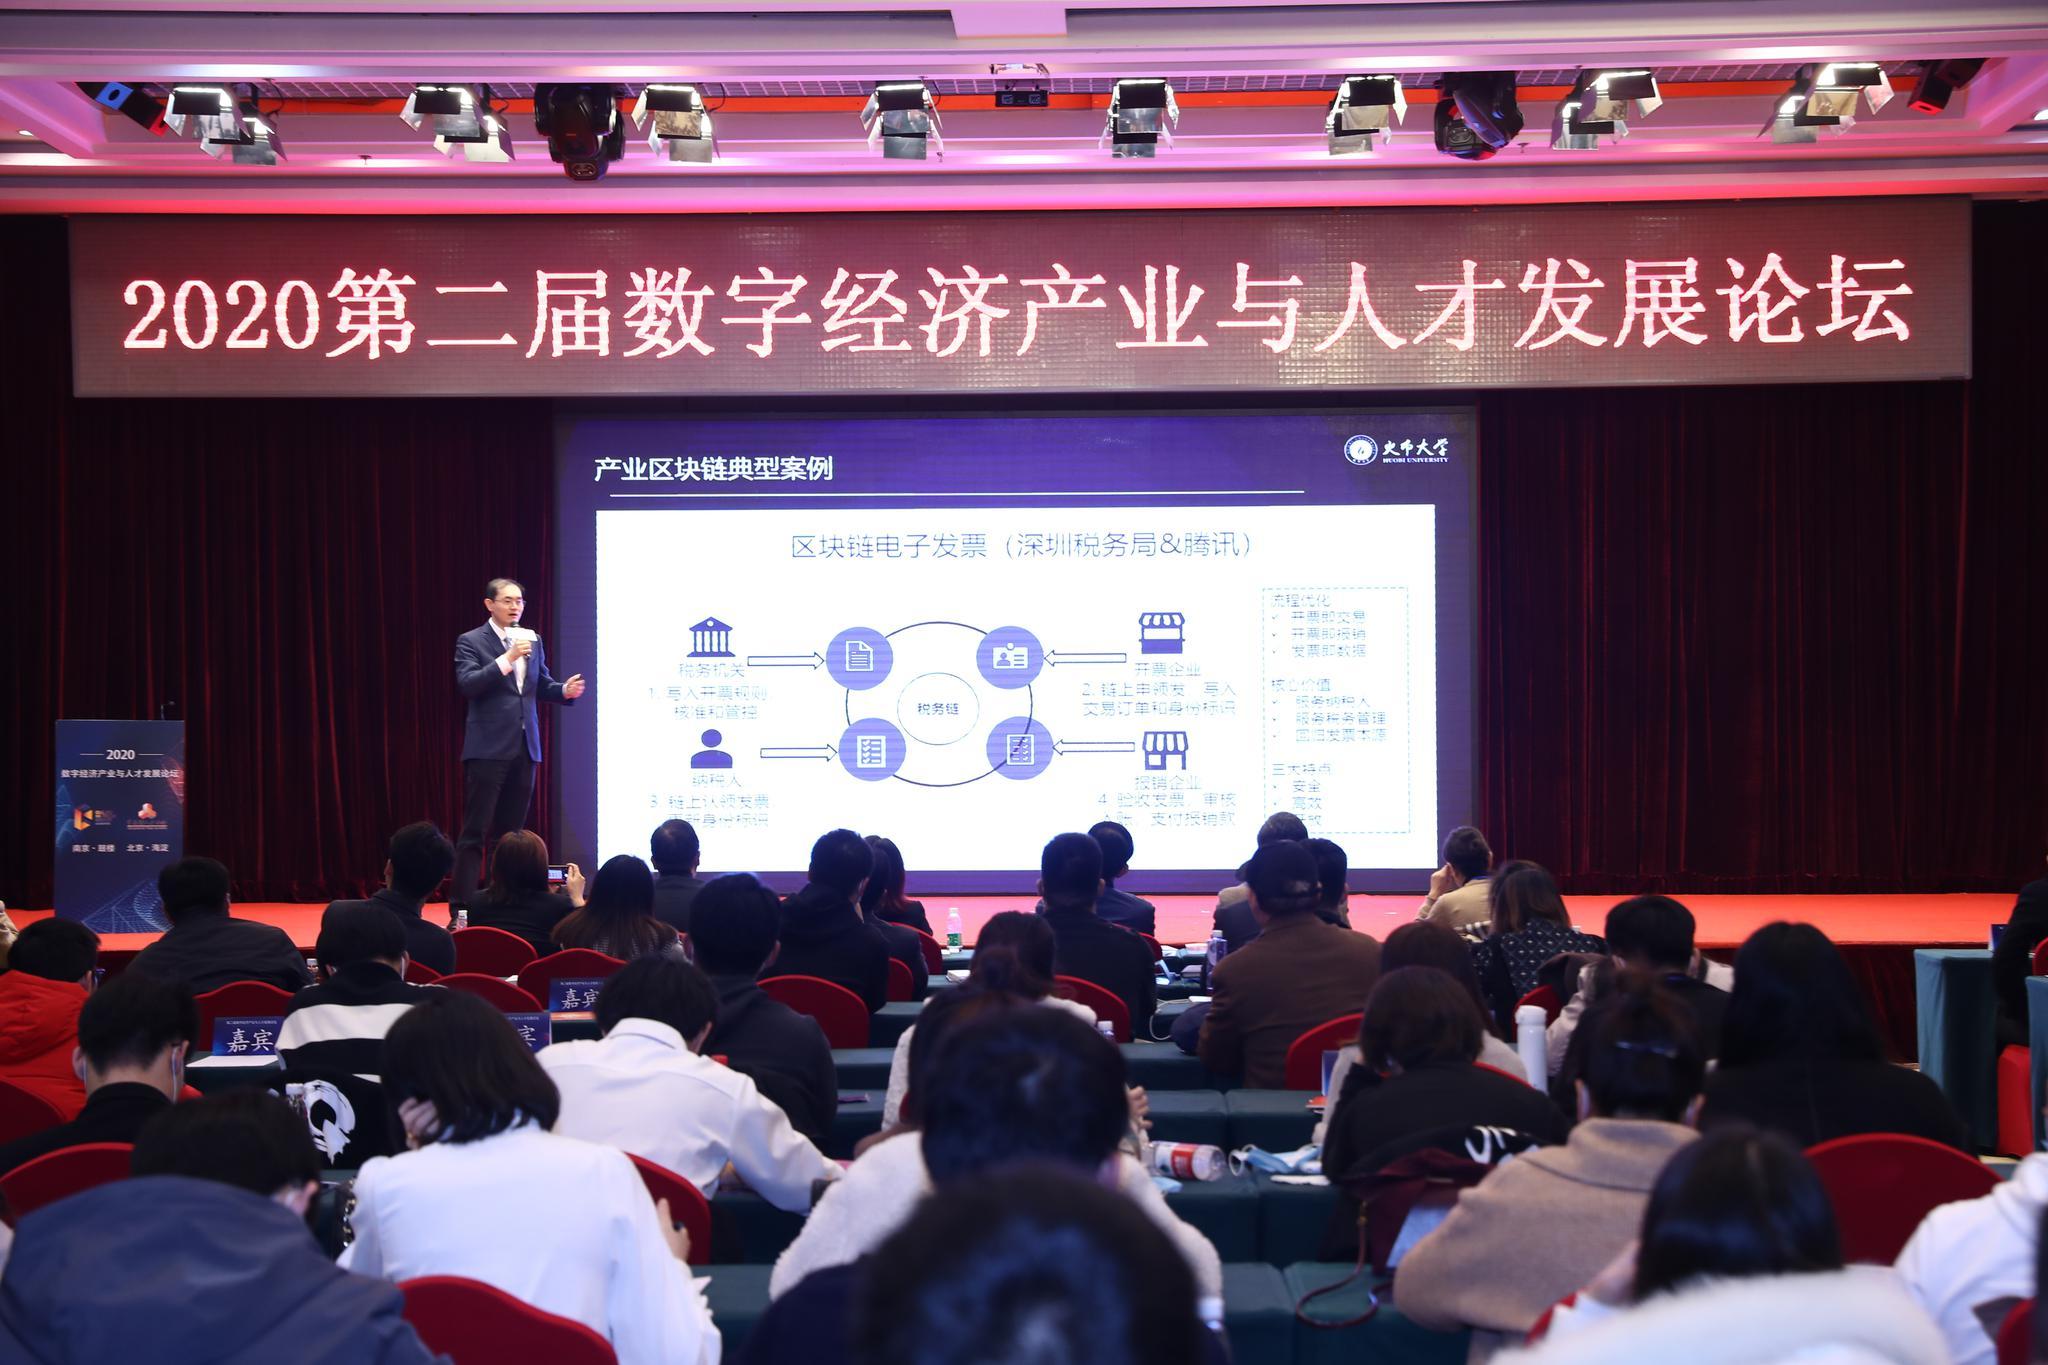 火链科技研究院最新报告:国际区块链监管呈三大趋势